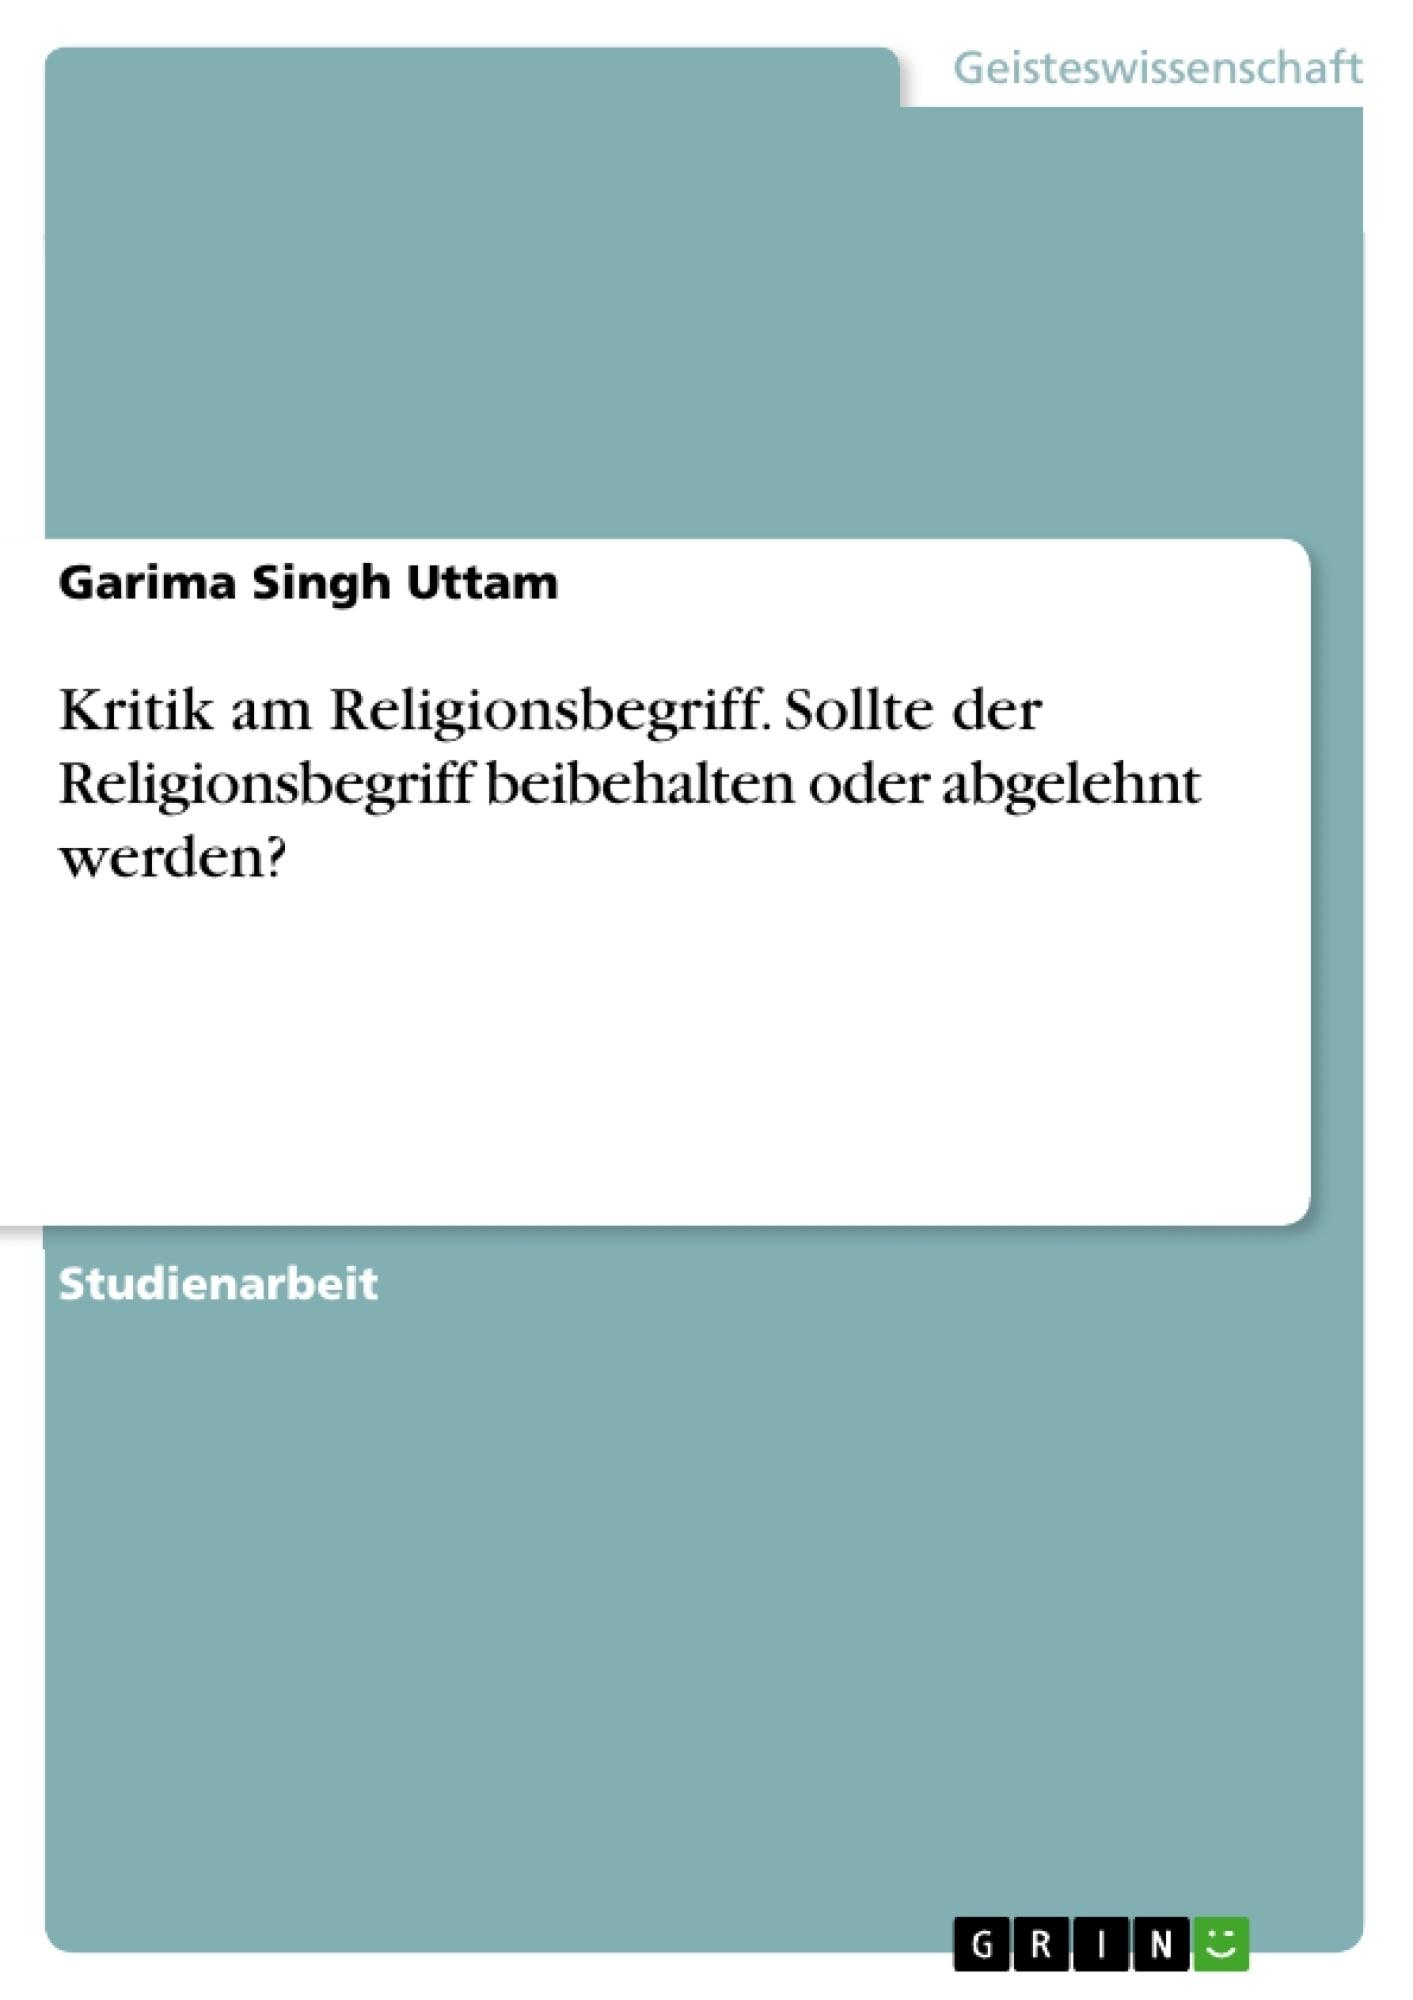 Titel: Kritik am Religionsbegriff. Sollte der Religionsbegriff beibehalten oder abgelehnt werden?